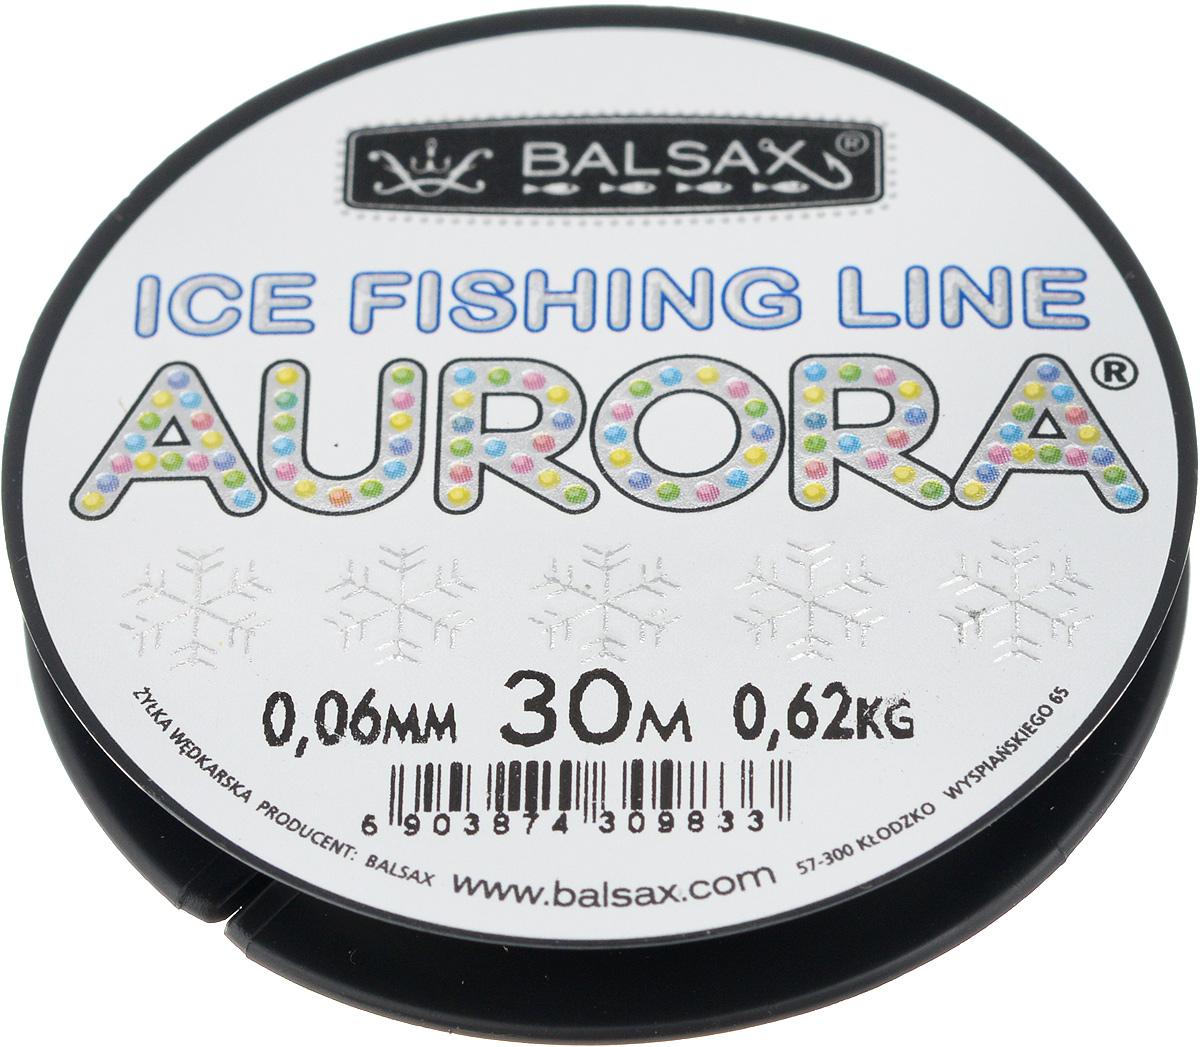 Леска зимняя Balsax Aurora, 30 м, 0,06 мм, 0,62 кг310-04006Леска Balsax Aurora изготовлена из 100% нейлона и очень хорошо выдерживает низкие температуры. Даже в самом холодном климате, при температуре вплоть до -40°C, она сохраняет свои свойства практически без изменений, в то время как традиционные лески становятся менее эластичными и теряют прочность.Поверхность лески обработана таким образом, что она не обмерзает и отлично подходит для подледного лова. Прочна в местах вязки узлов даже при минимальном диаметре.